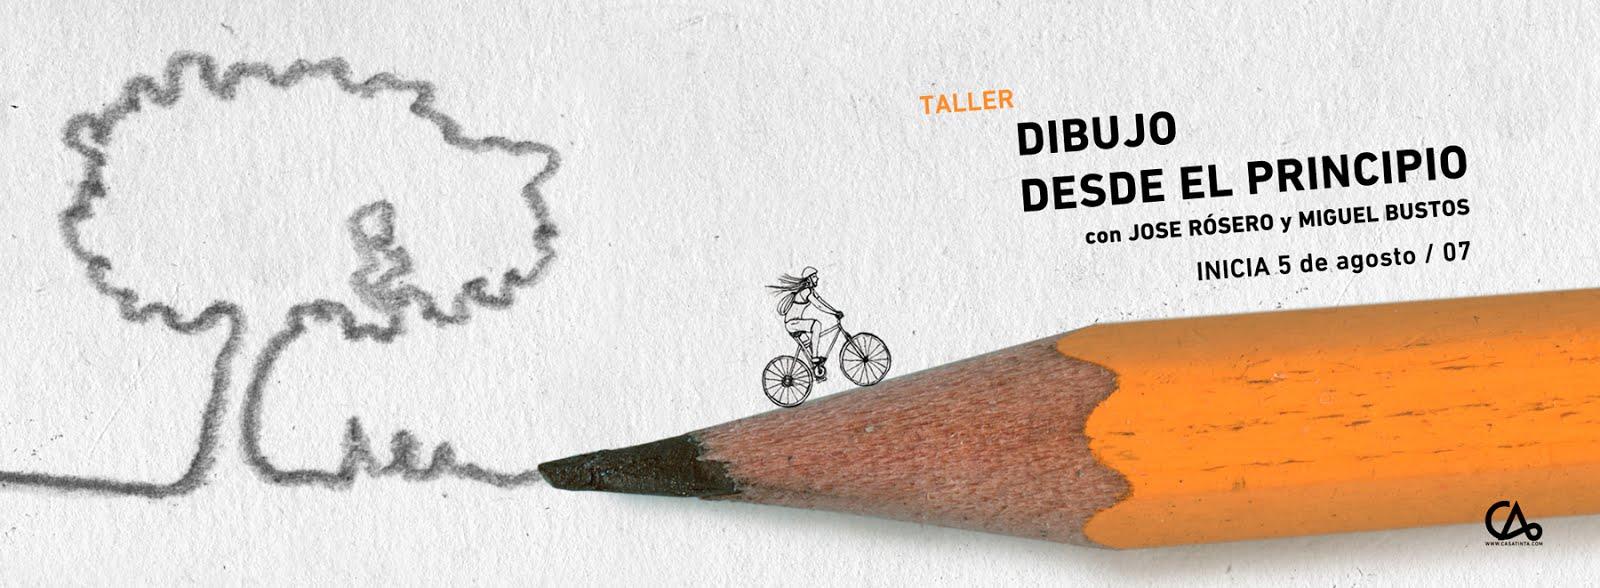 DIBUJO DESDE EL PRINCIPIO // 5 de ago